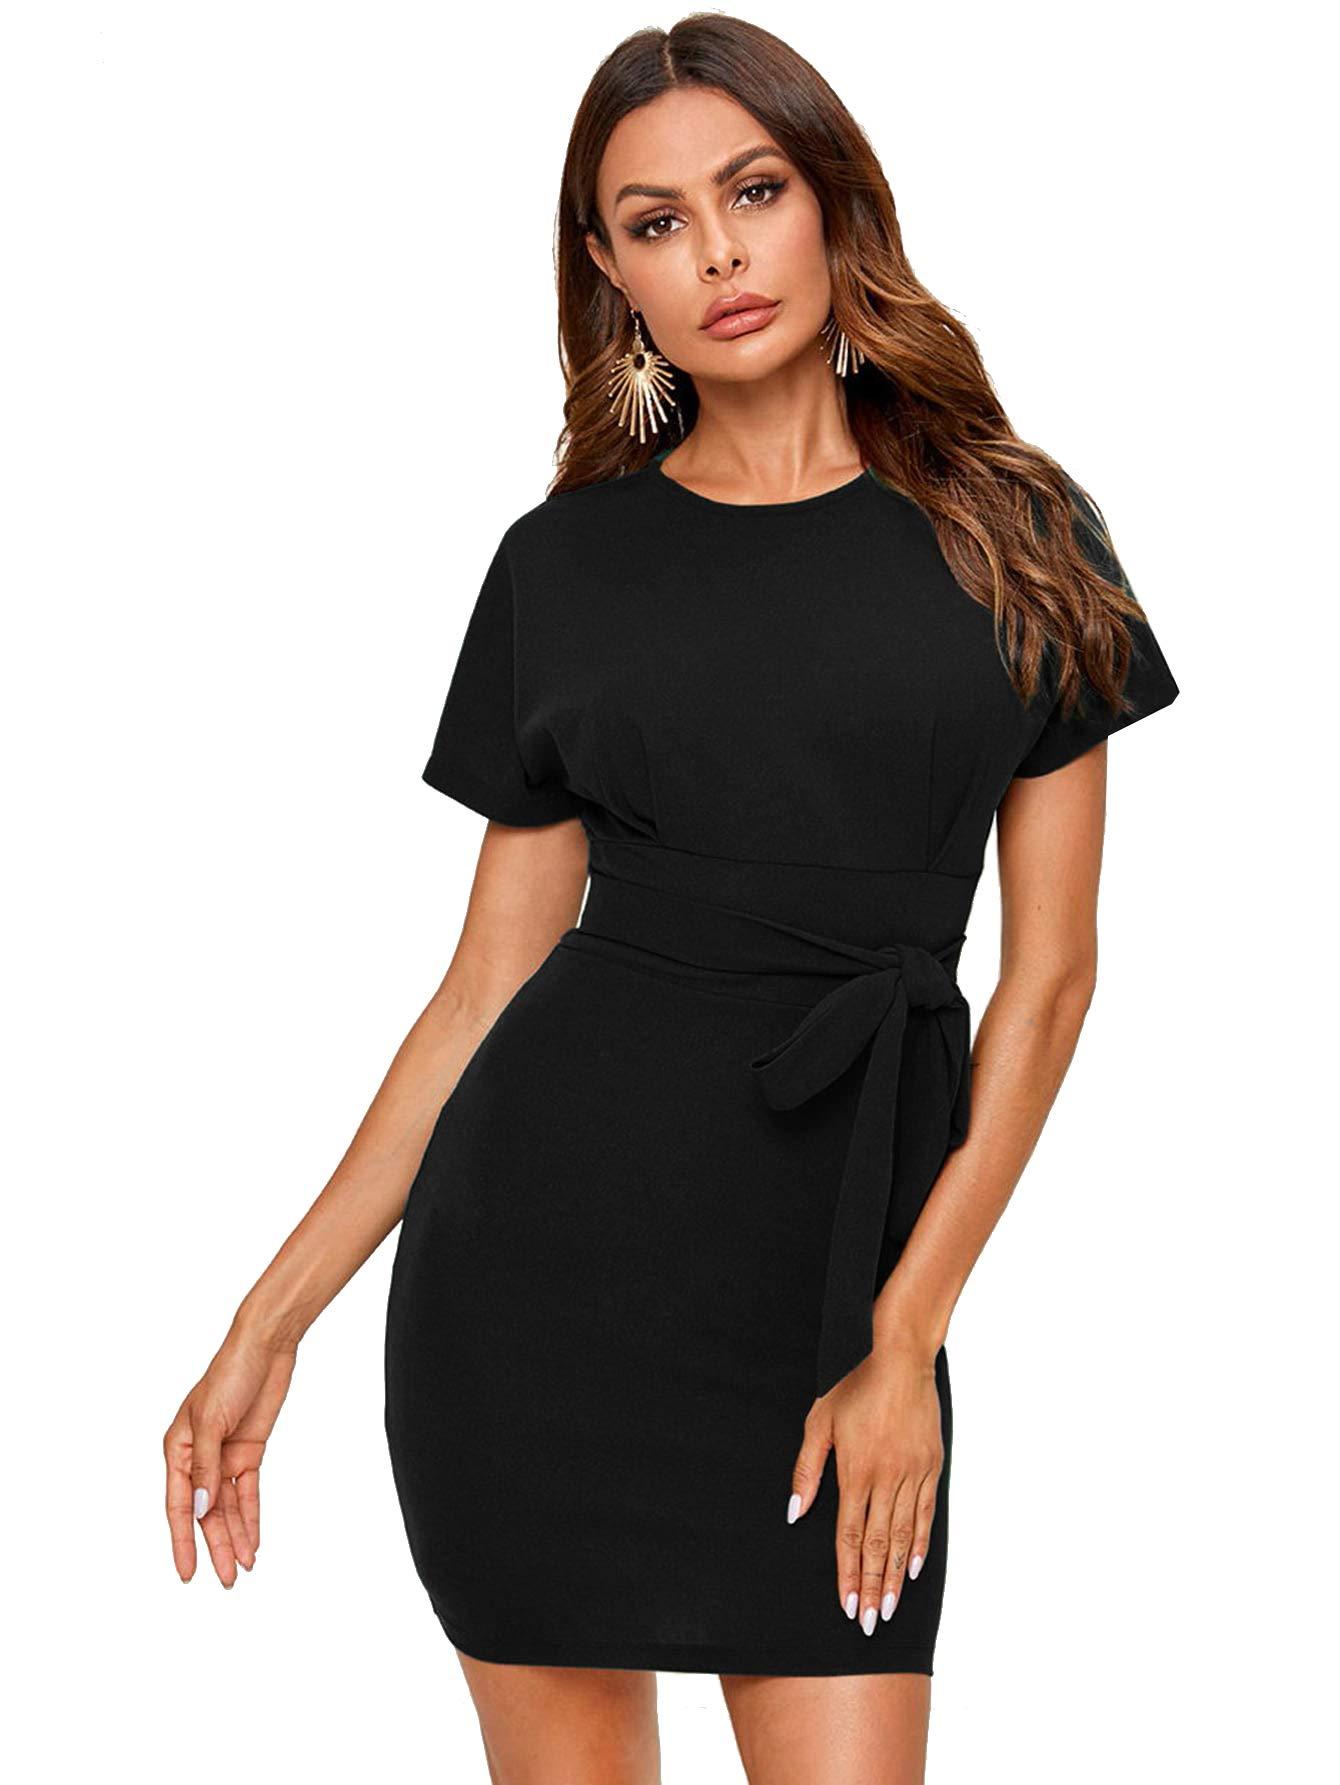 Verdusa Women's Elegant Belted High Waist Short Sleeve Bodycon Dress